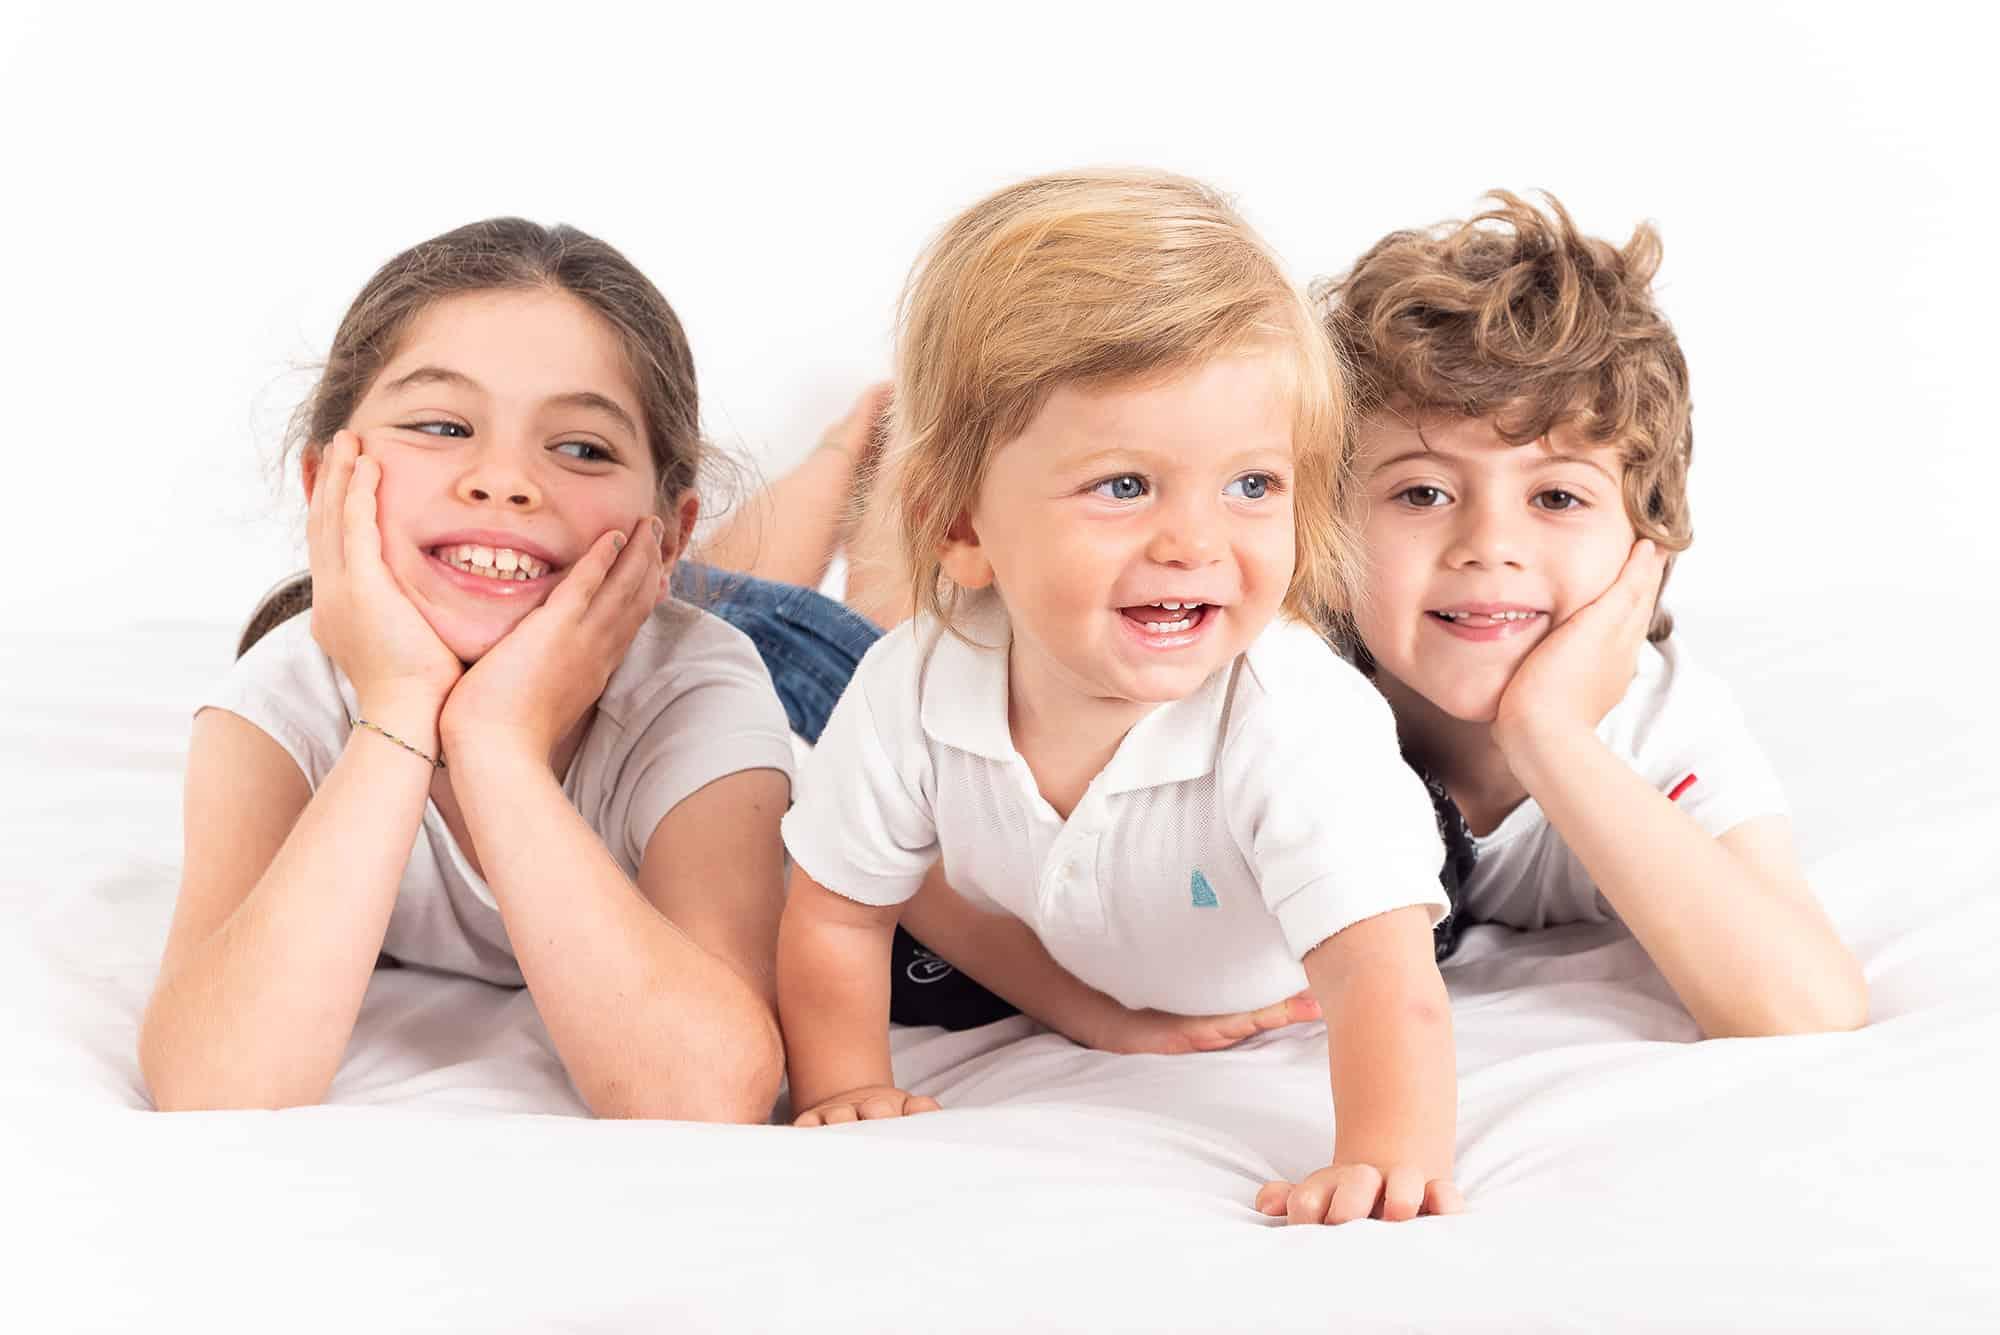 משפחה-צילום